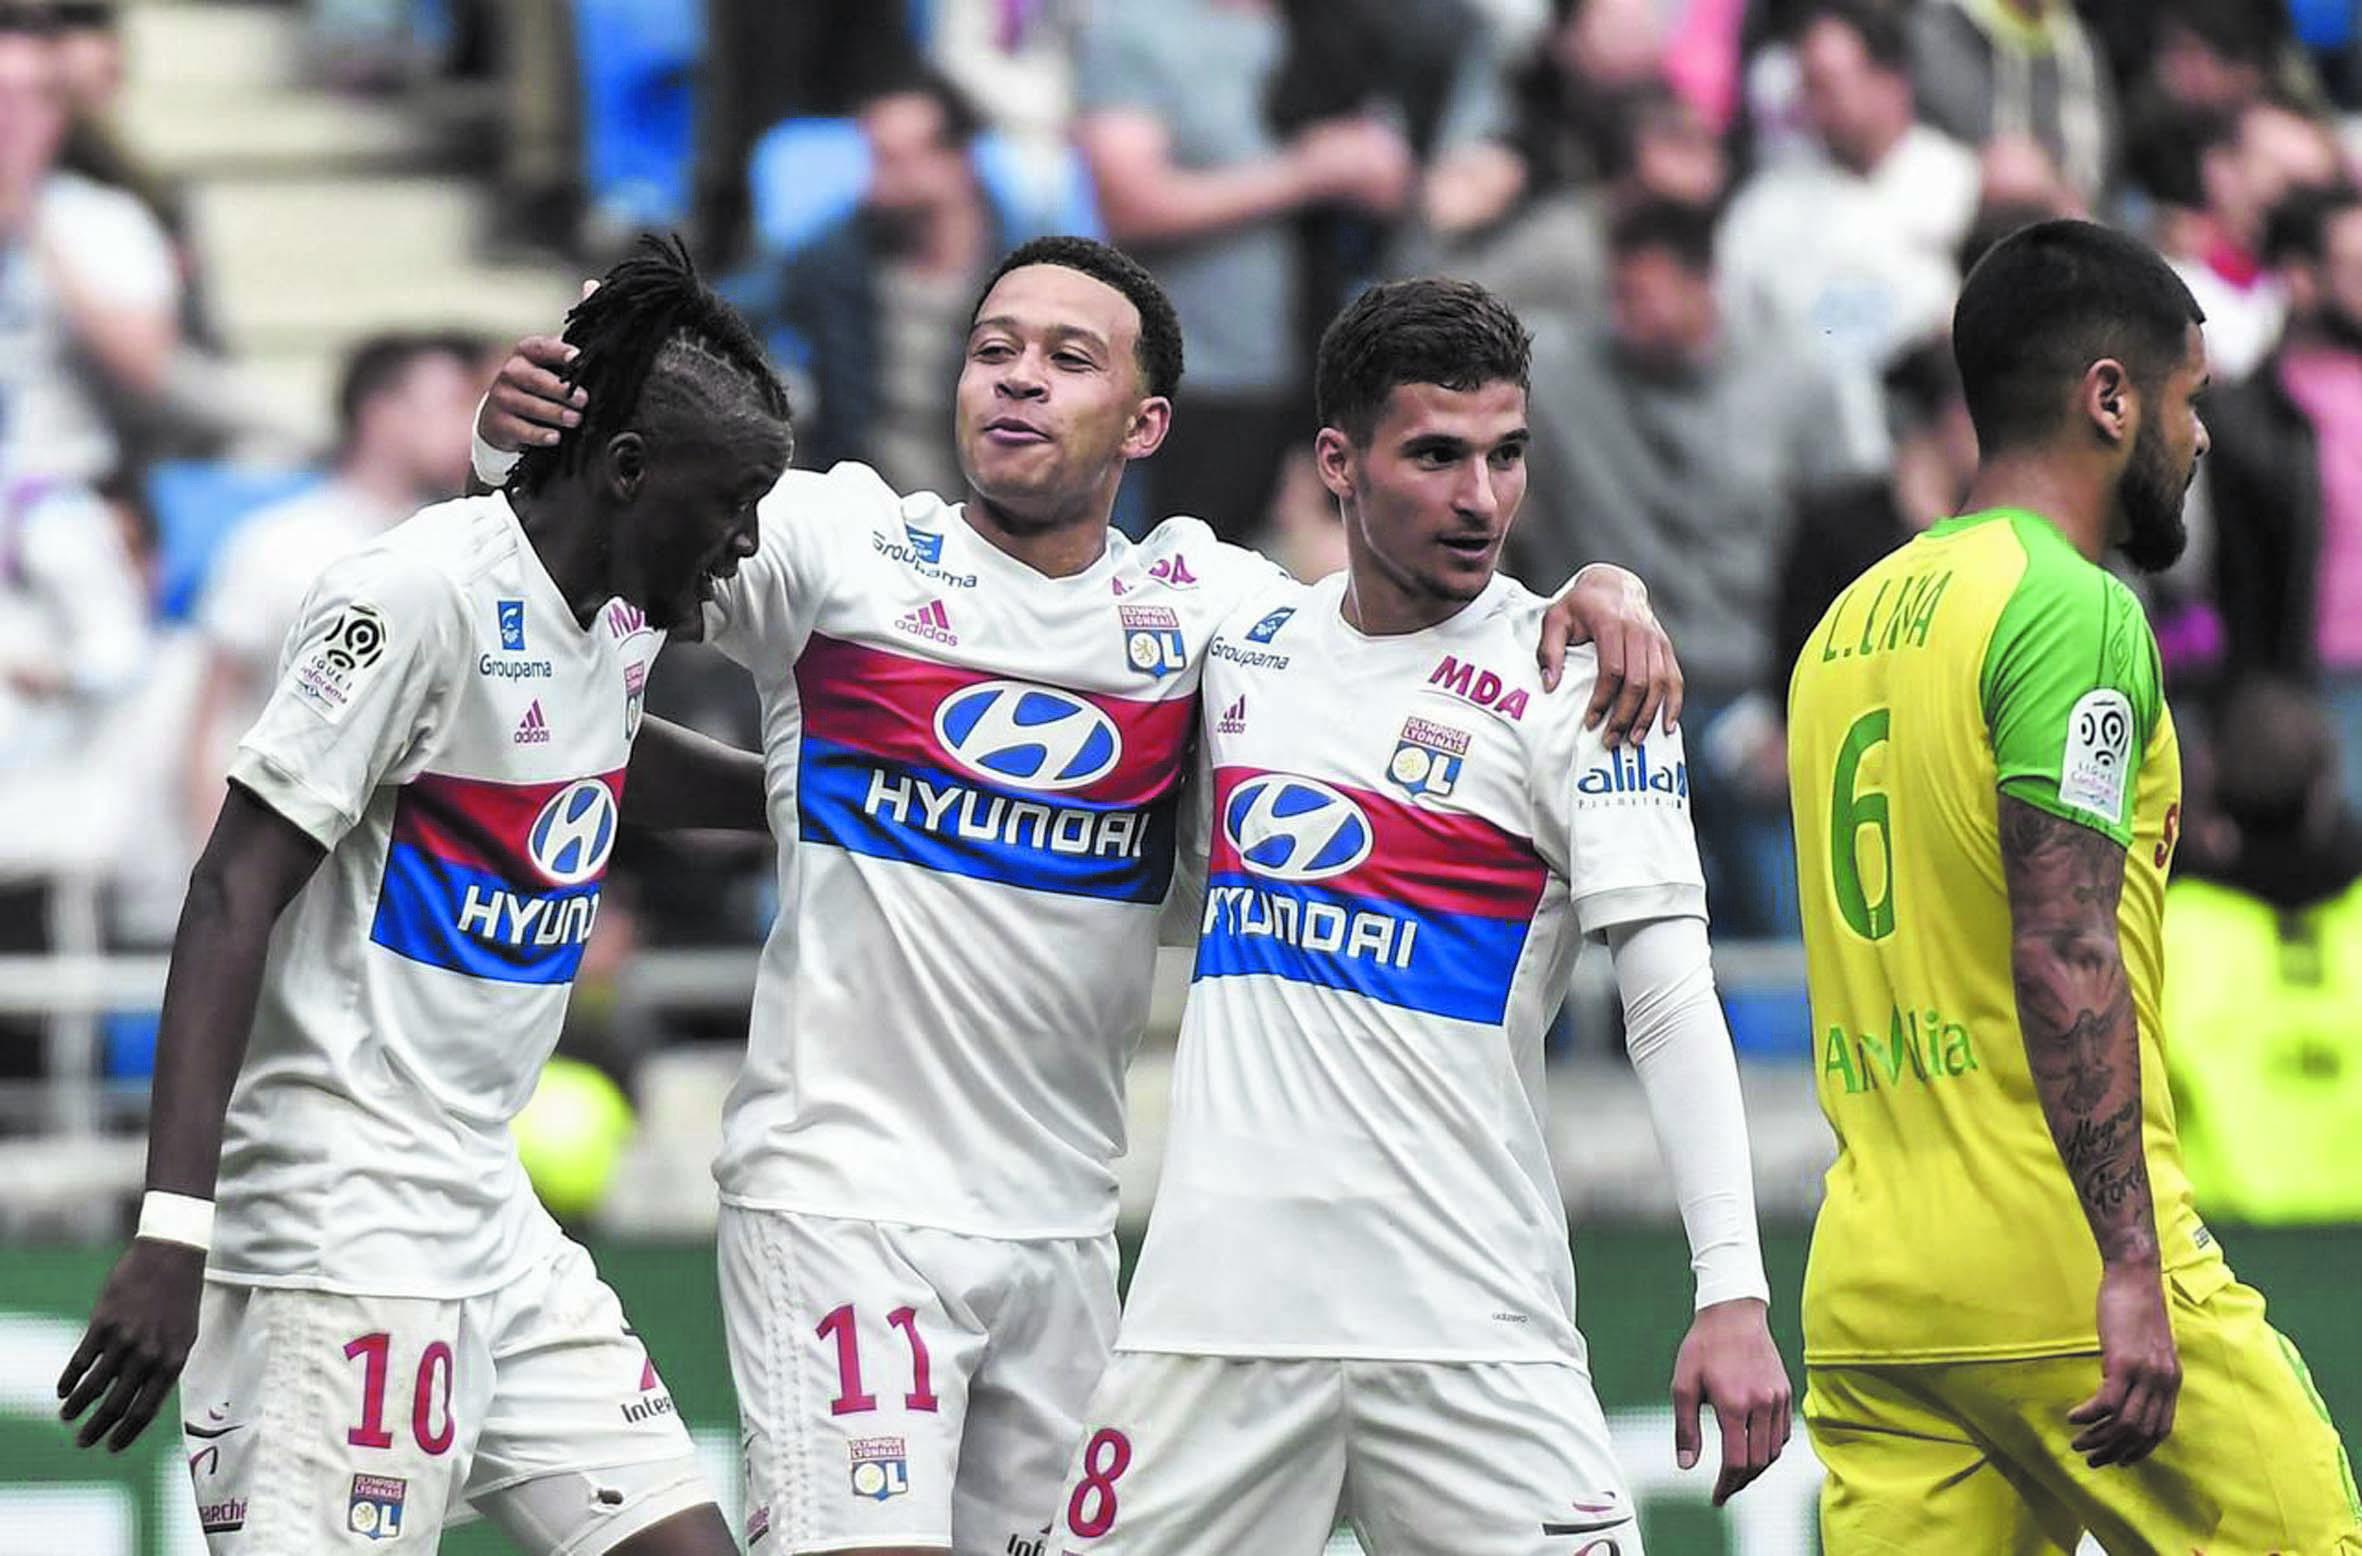 Lyon dépasse Monaco sur fond de guérilla olympique